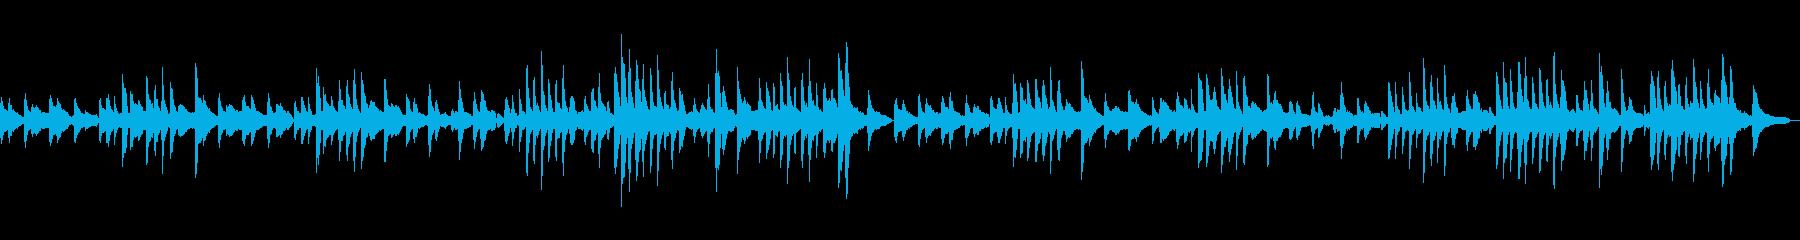 [サティ] ジムノペディ1番 ピアノ演奏の再生済みの波形